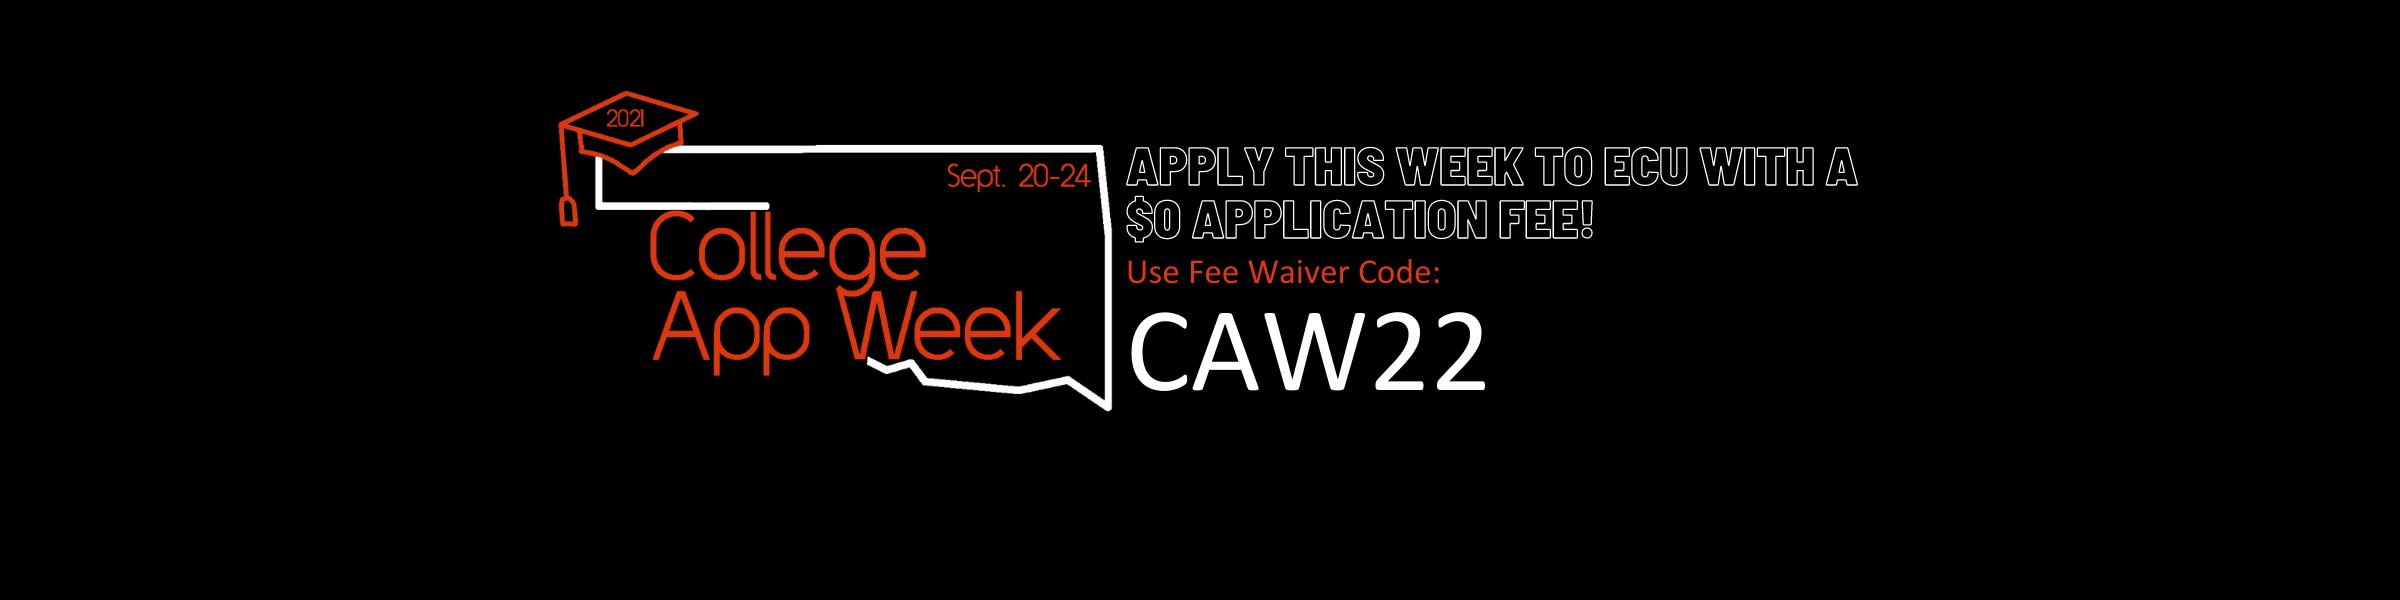 College App Week SLider